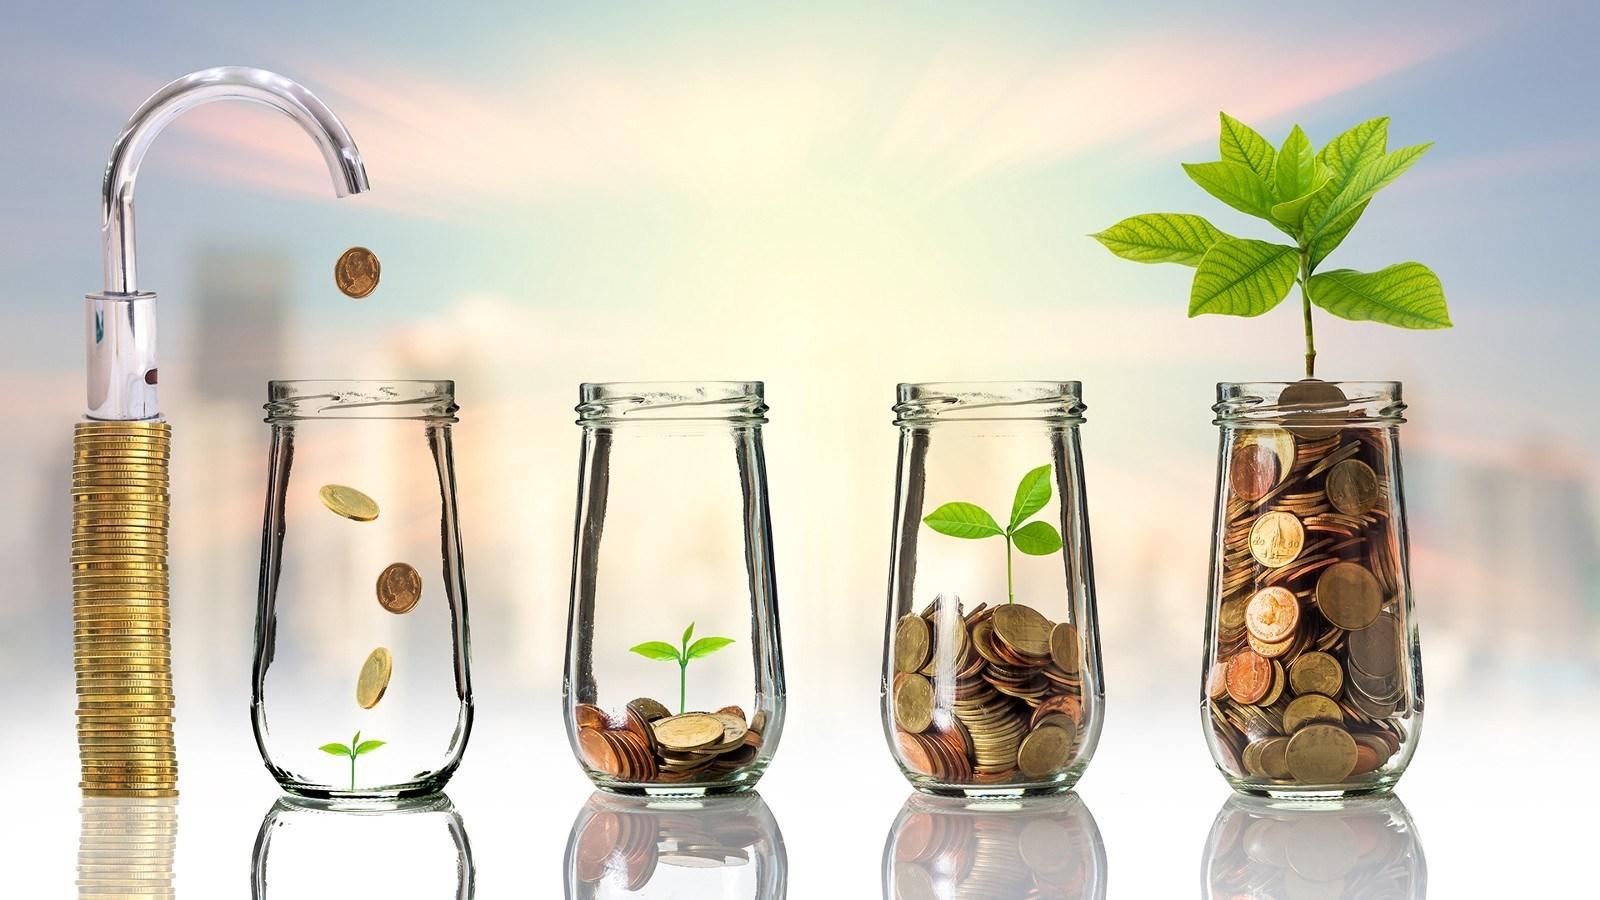 Giai đoạn tài chính của cuộc đời